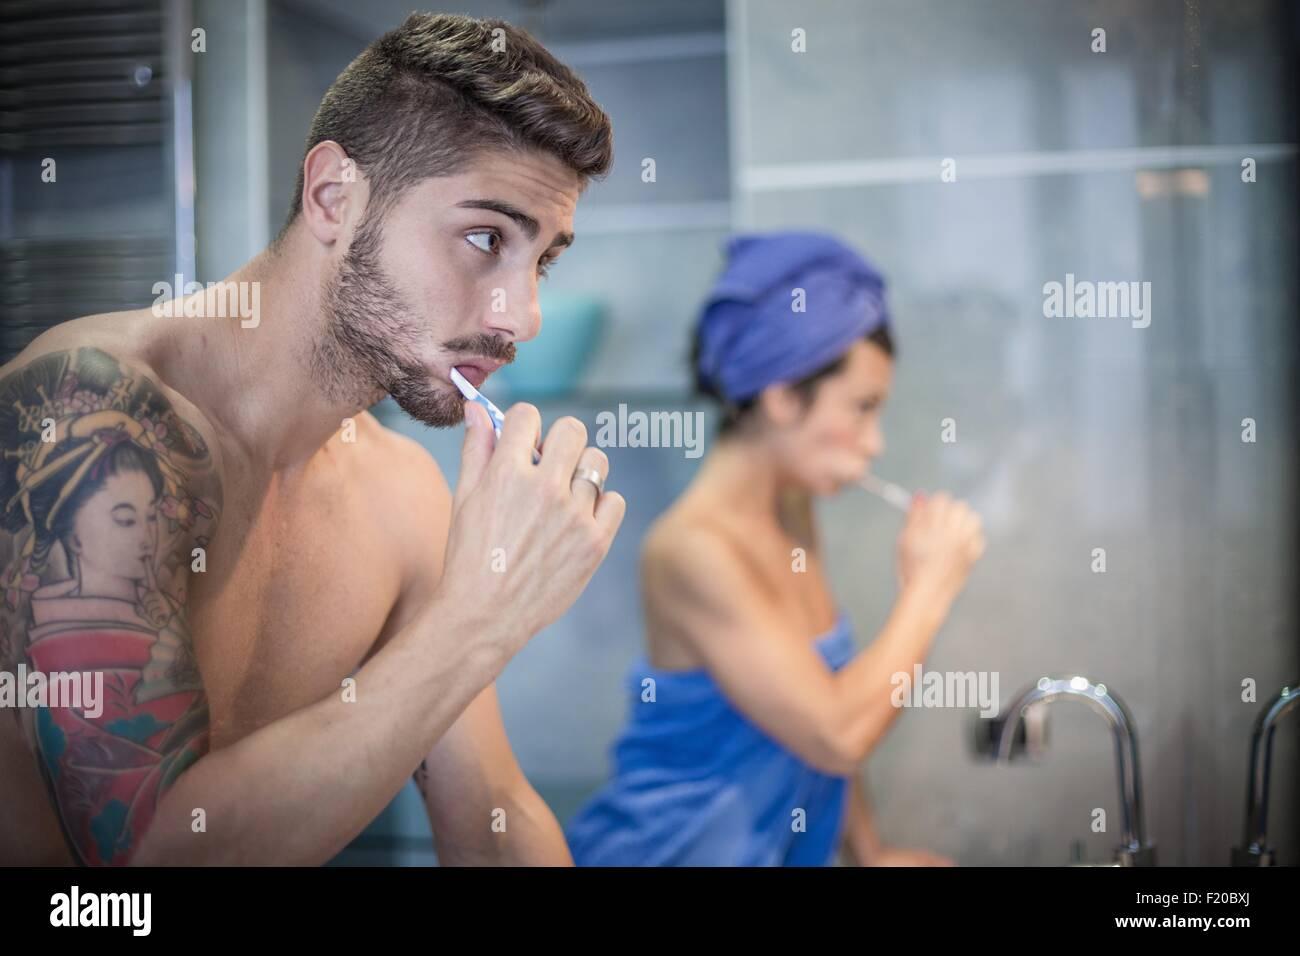 Coppia giovane spazzolare i denti in bagno Immagini Stock